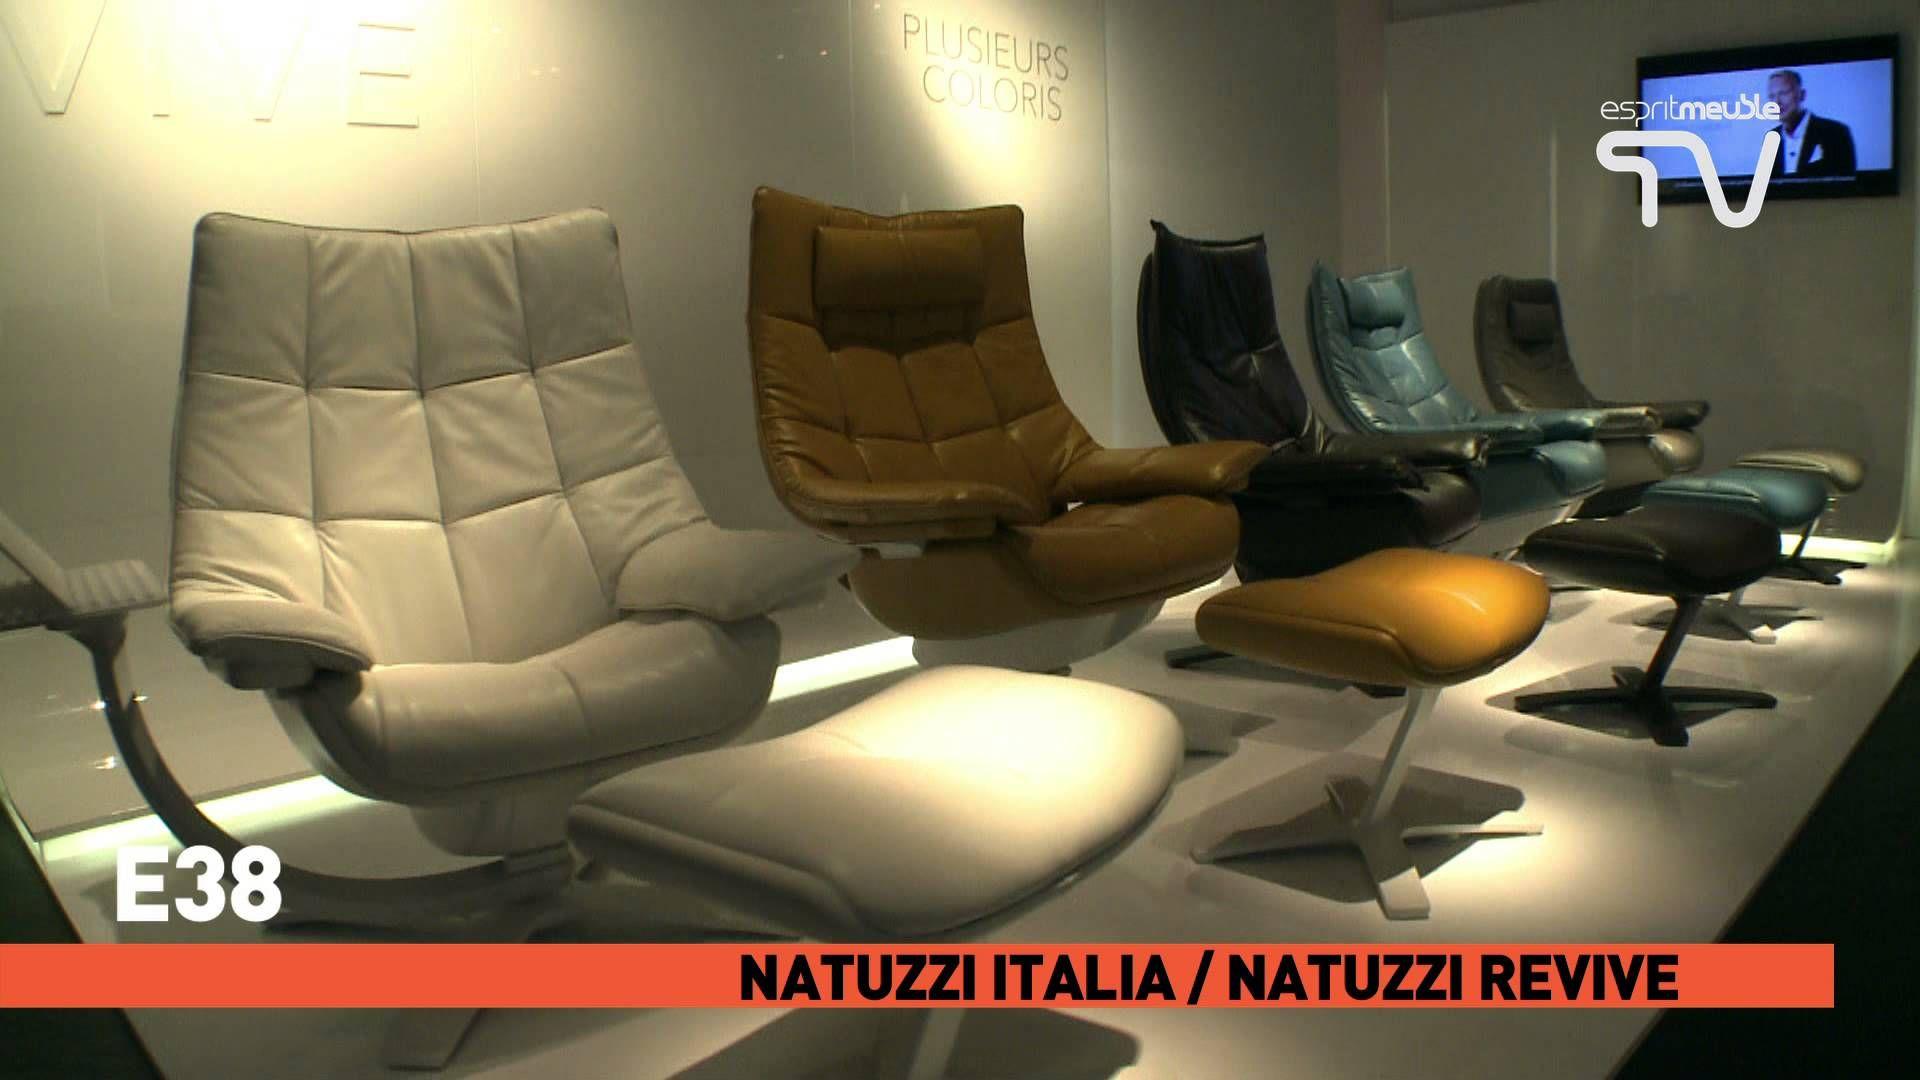 Natuzzi Italia Natuzzi Revive Natuzzi Revive Pinterest # Muebles Dutailier